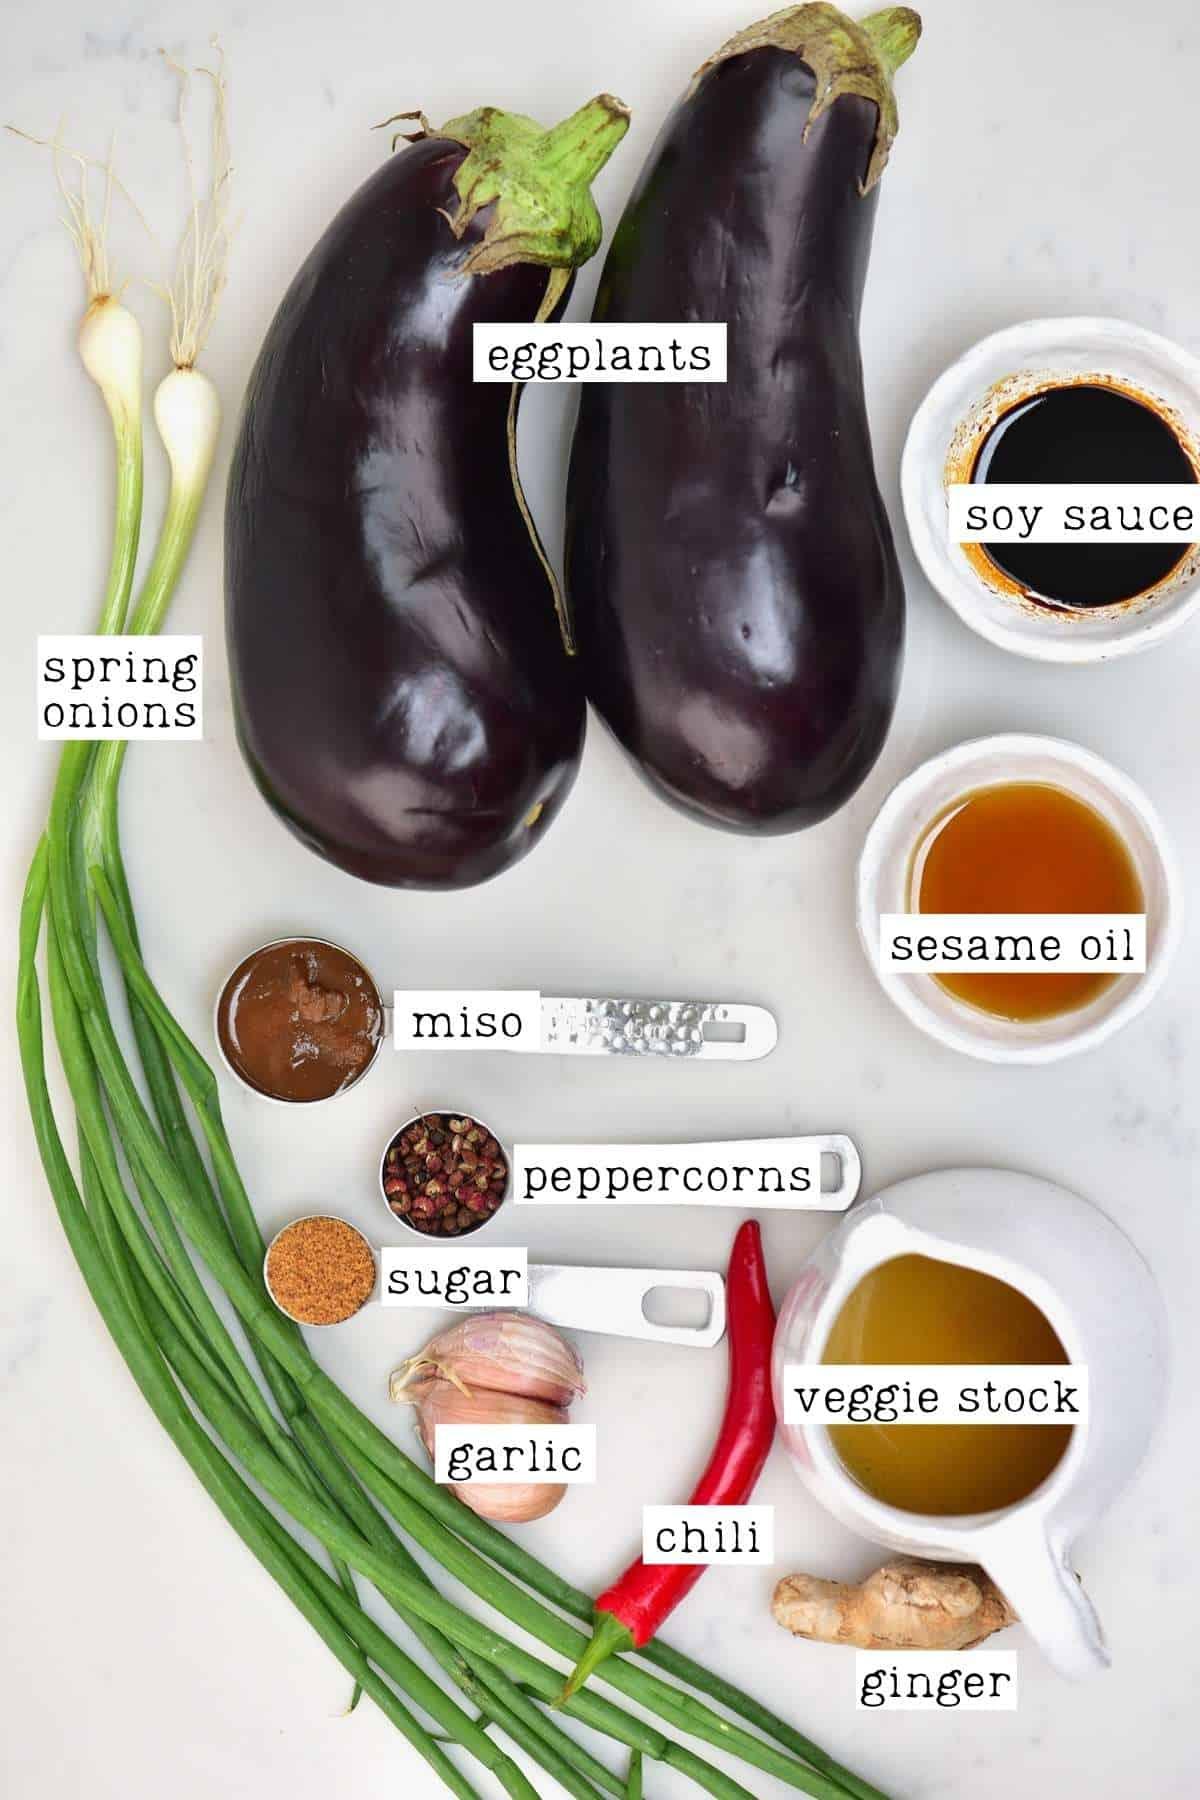 Ingredients for braised eggplant stir-fry